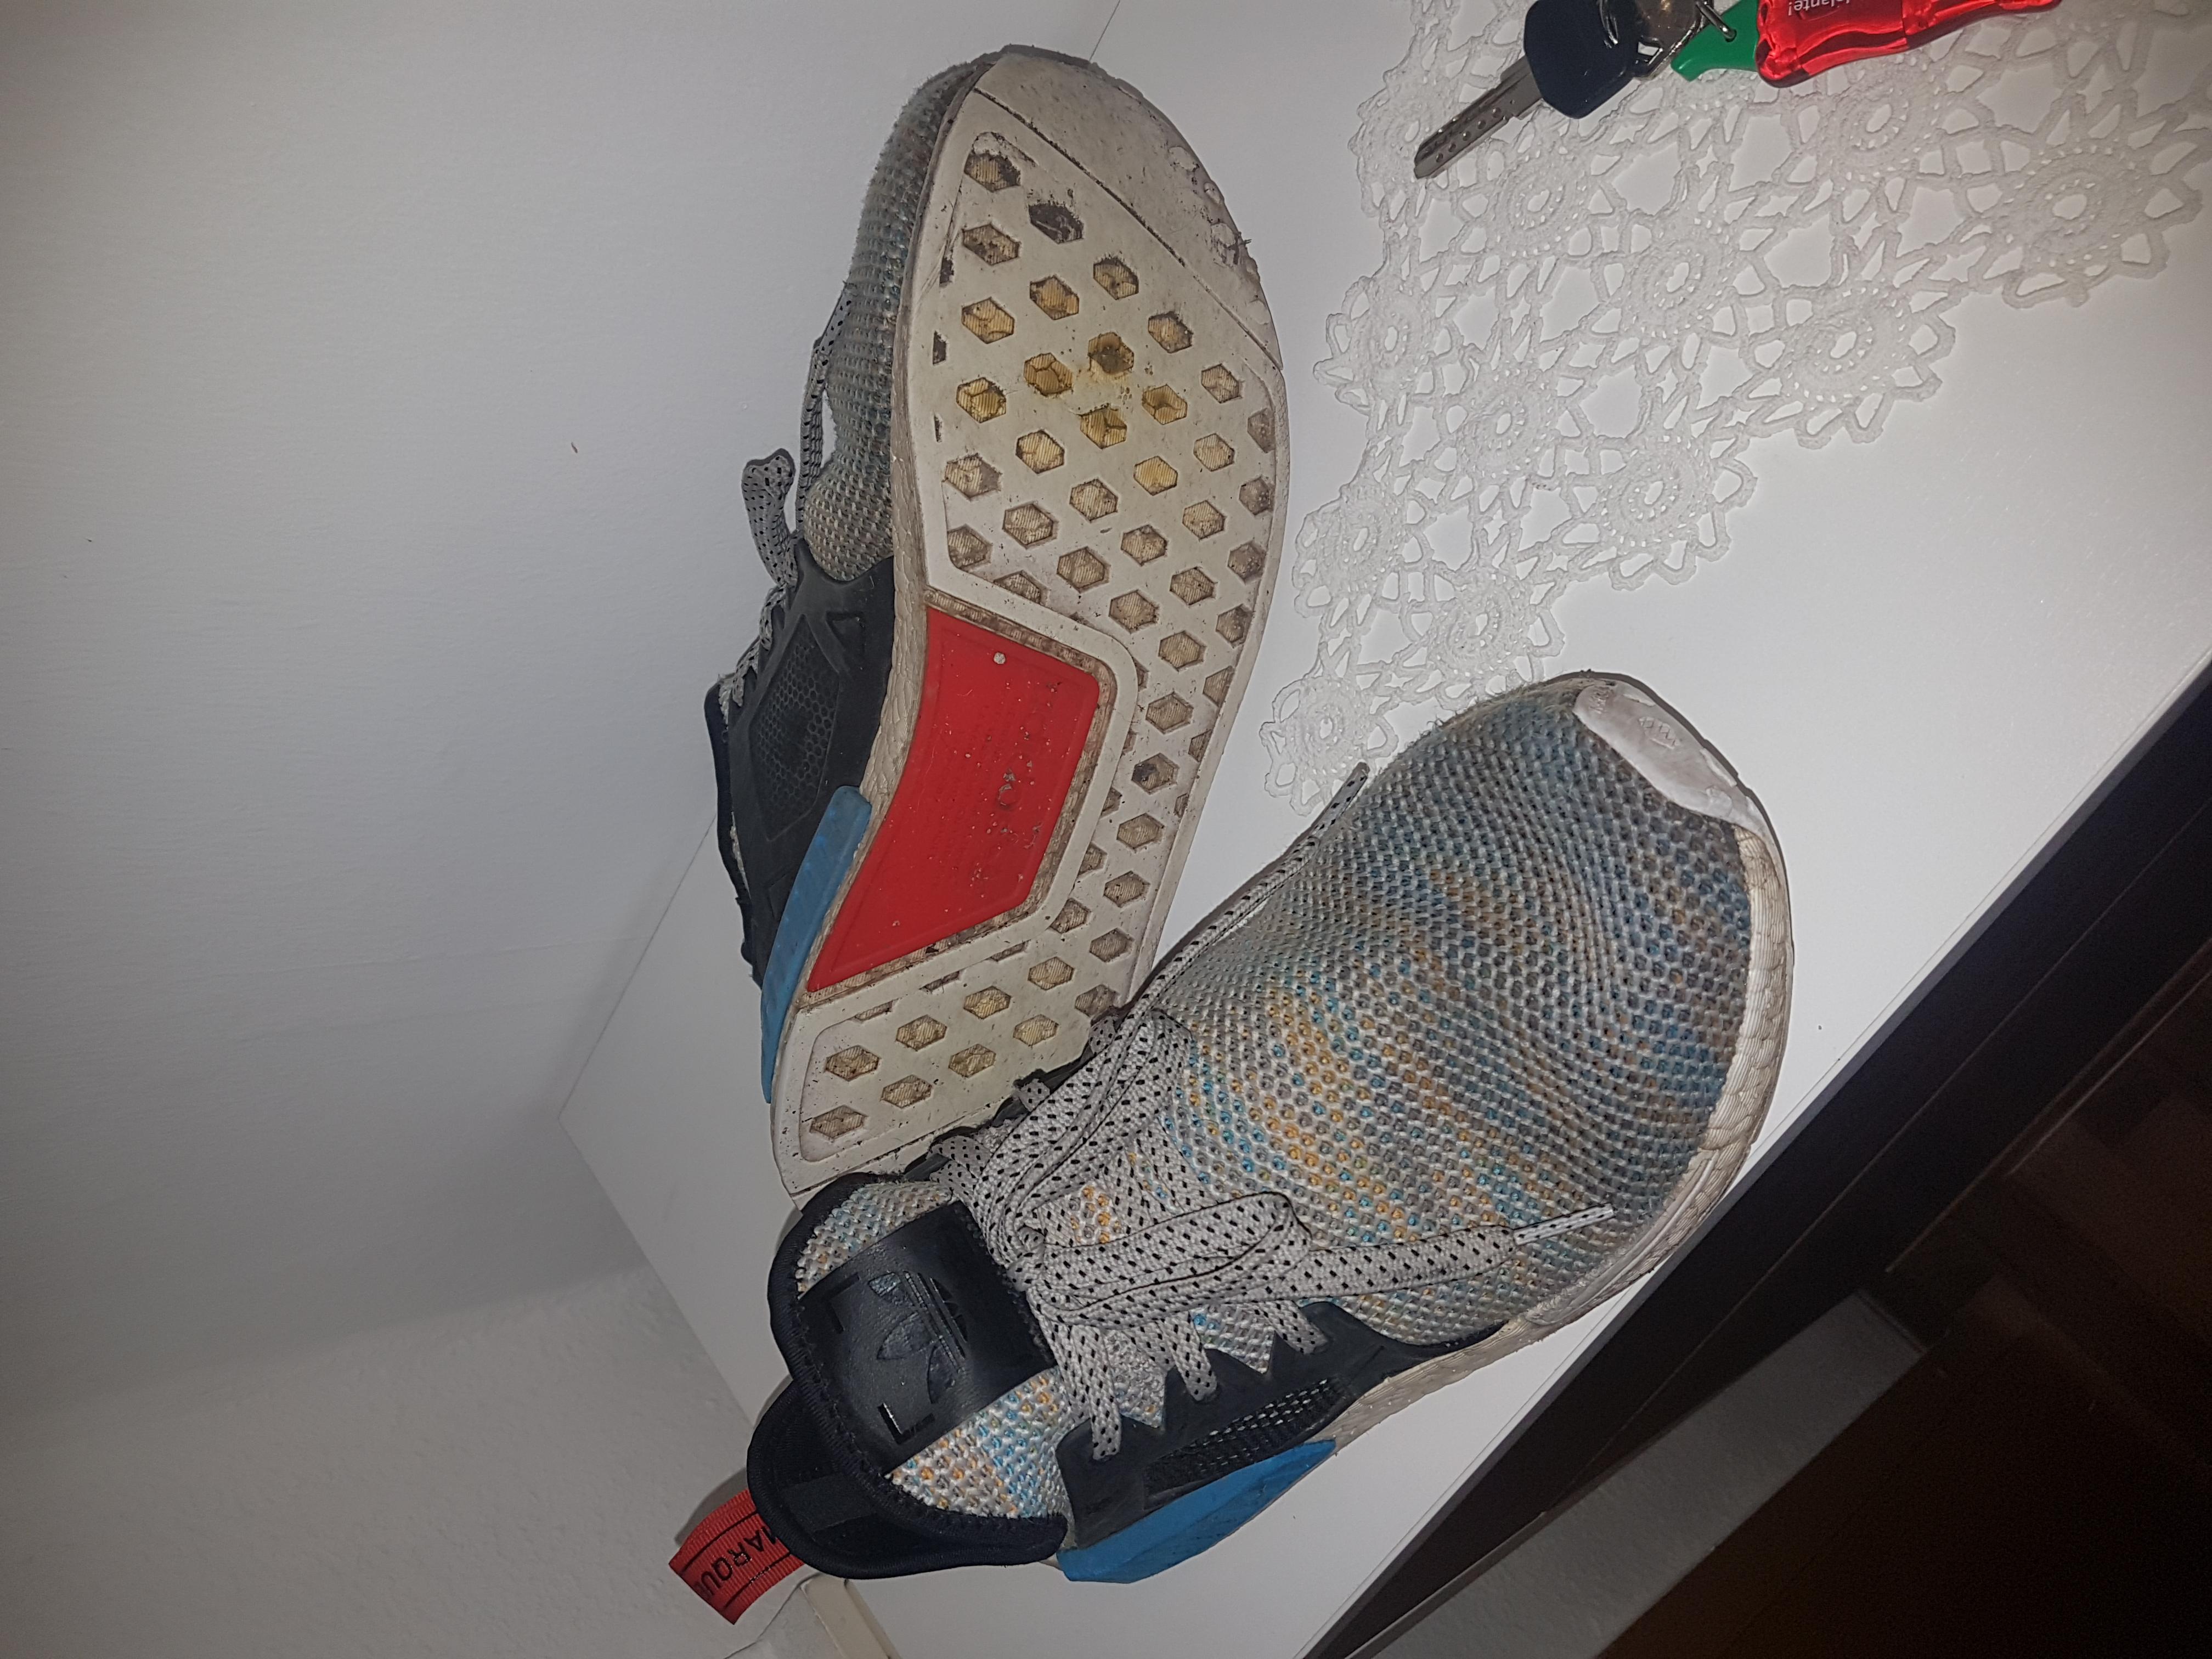 Nmds mode Waschen Schuhe Aussehen Mit Der Adidas Waschmaschine d4Xn1wdq